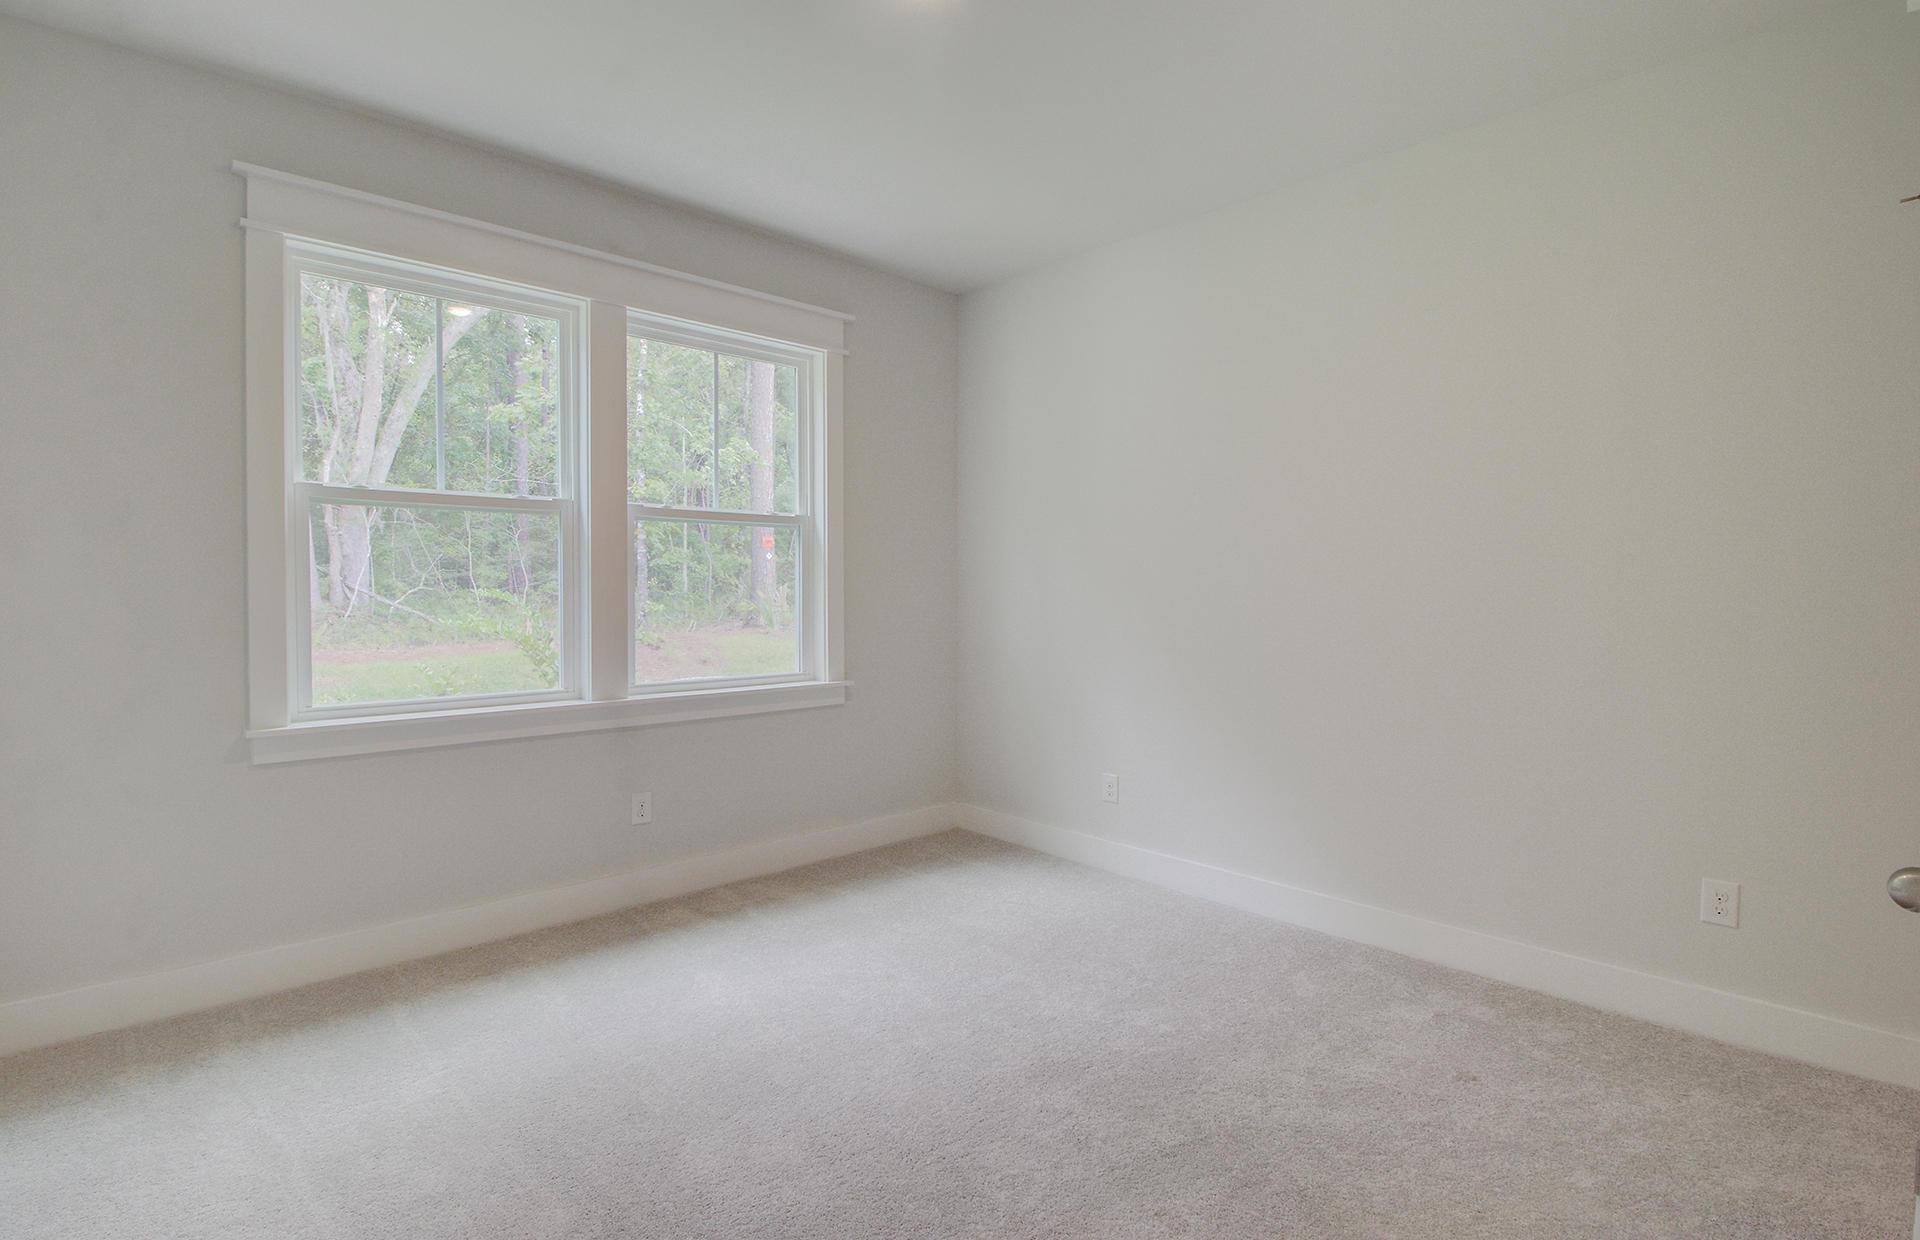 Park West Homes For Sale - 3013 Caspian, Mount Pleasant, SC - 35